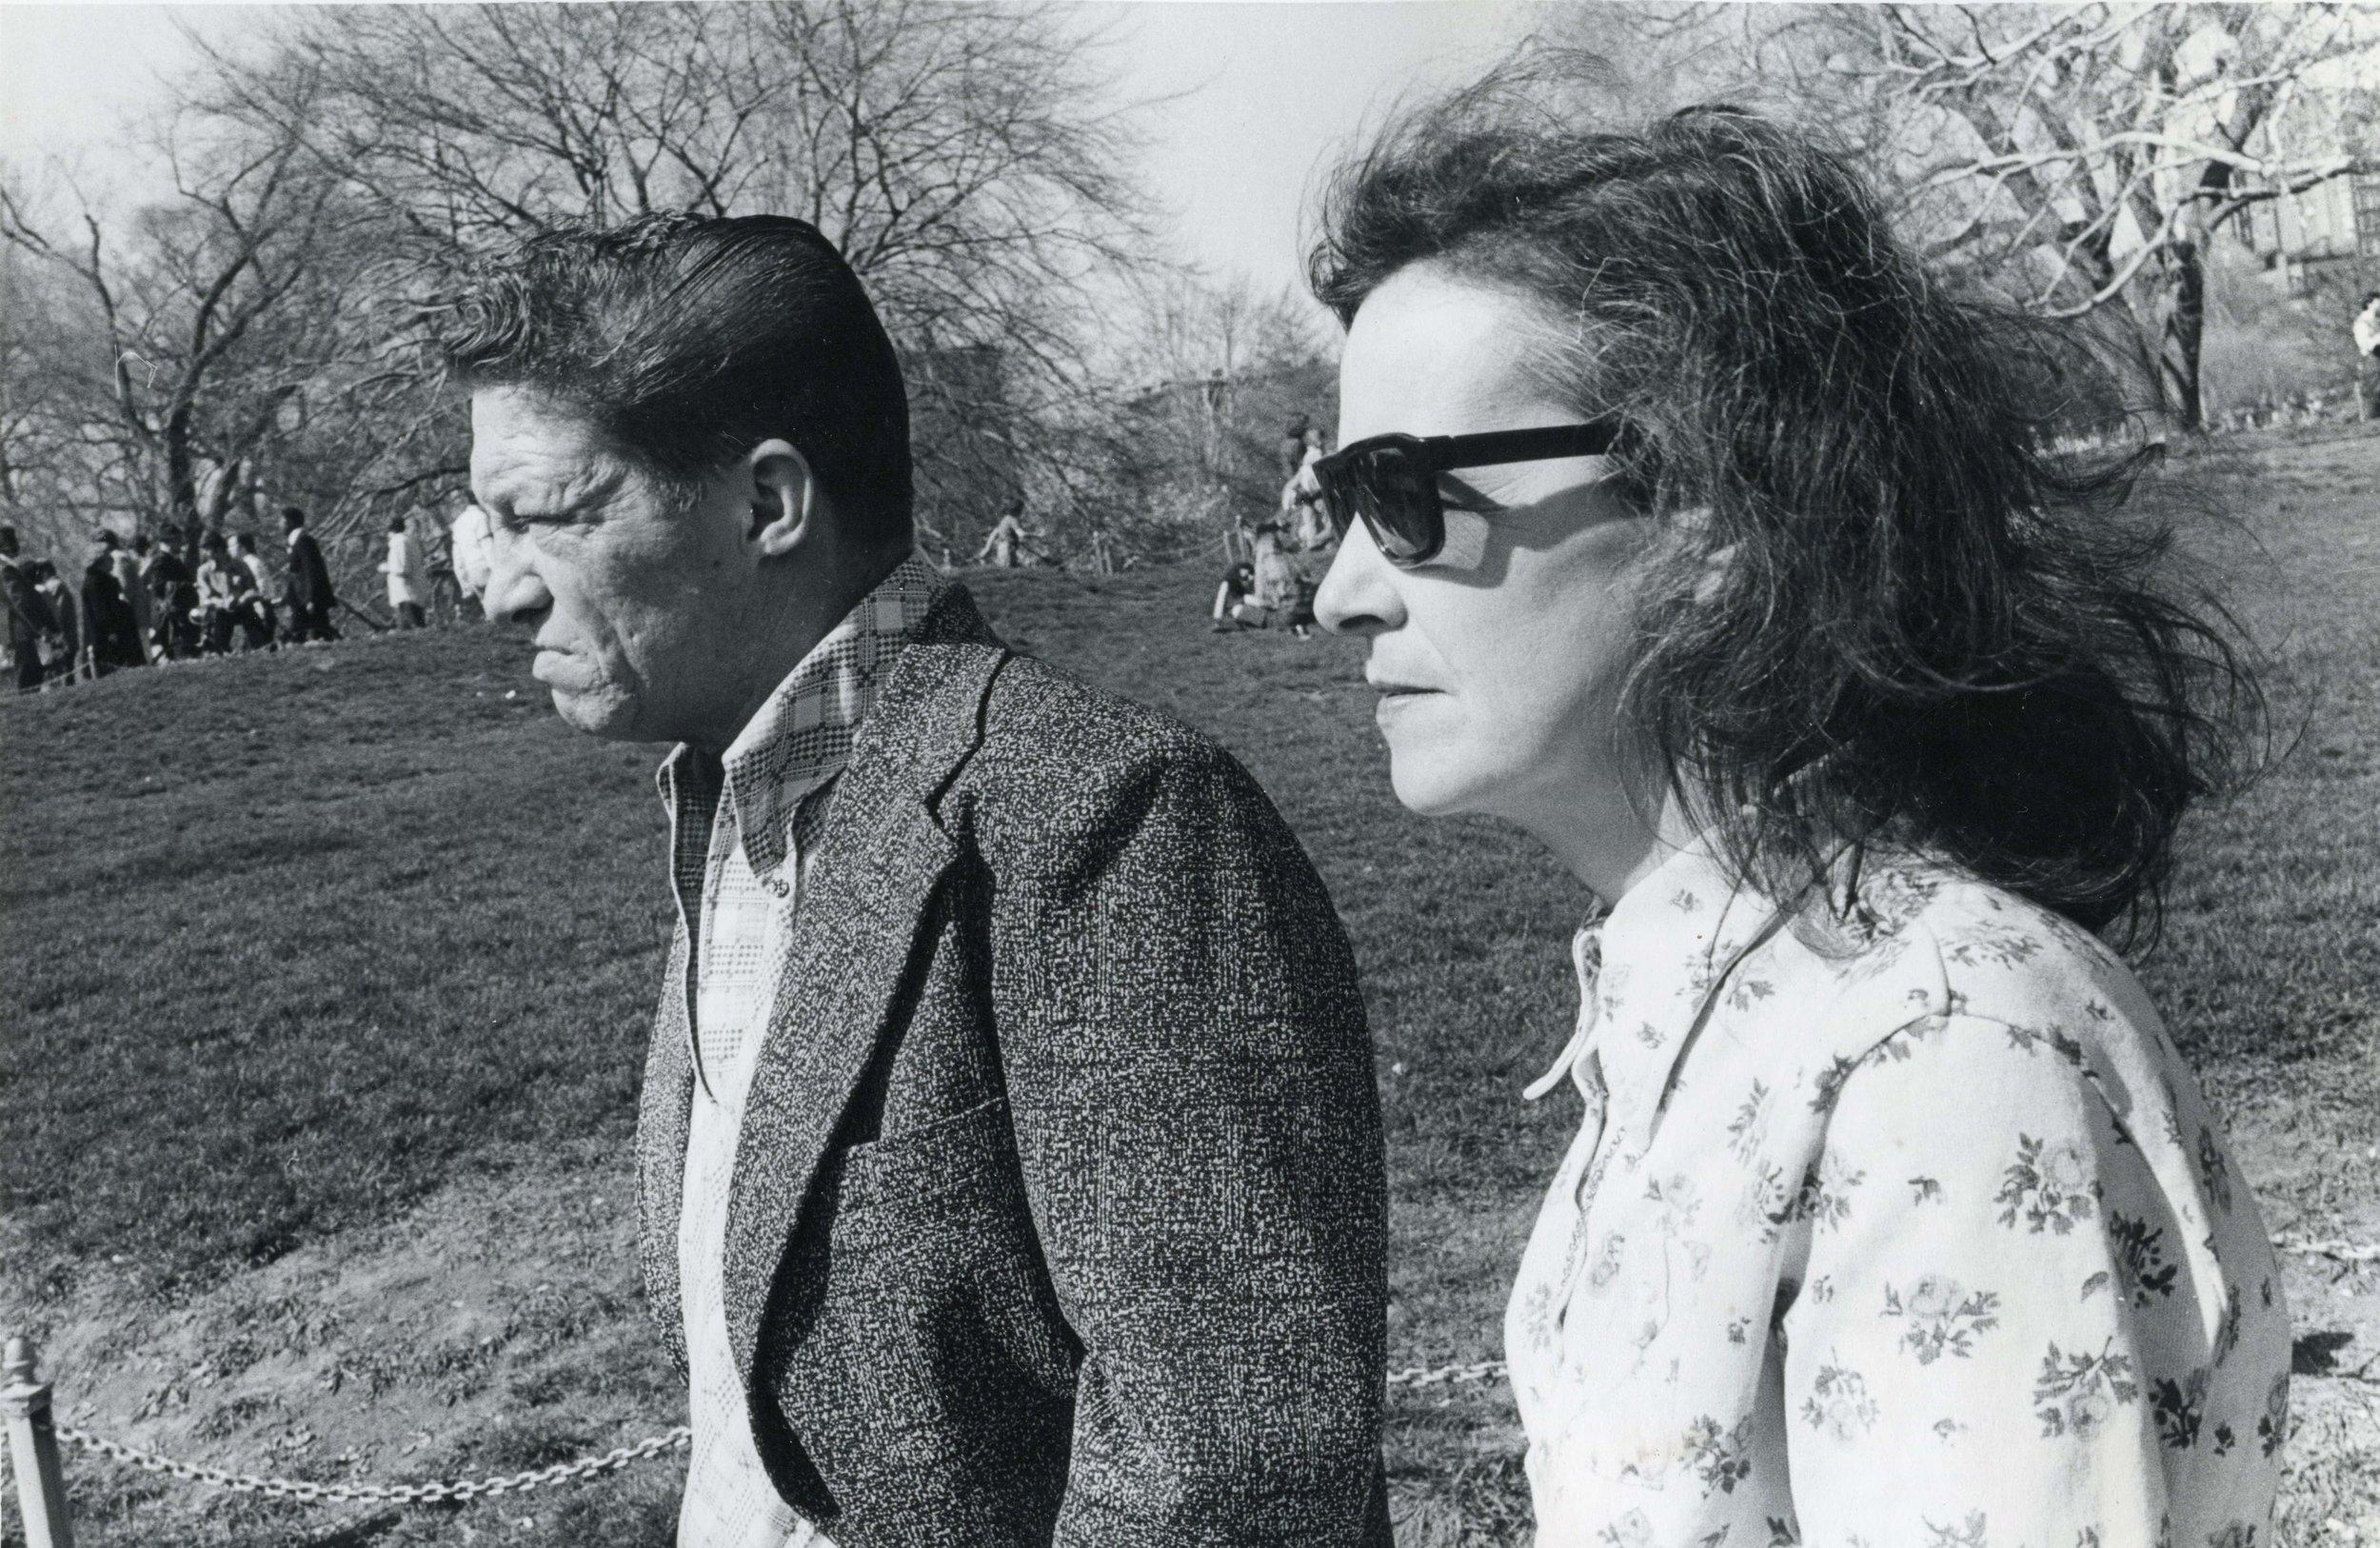 Couple Boston 1974